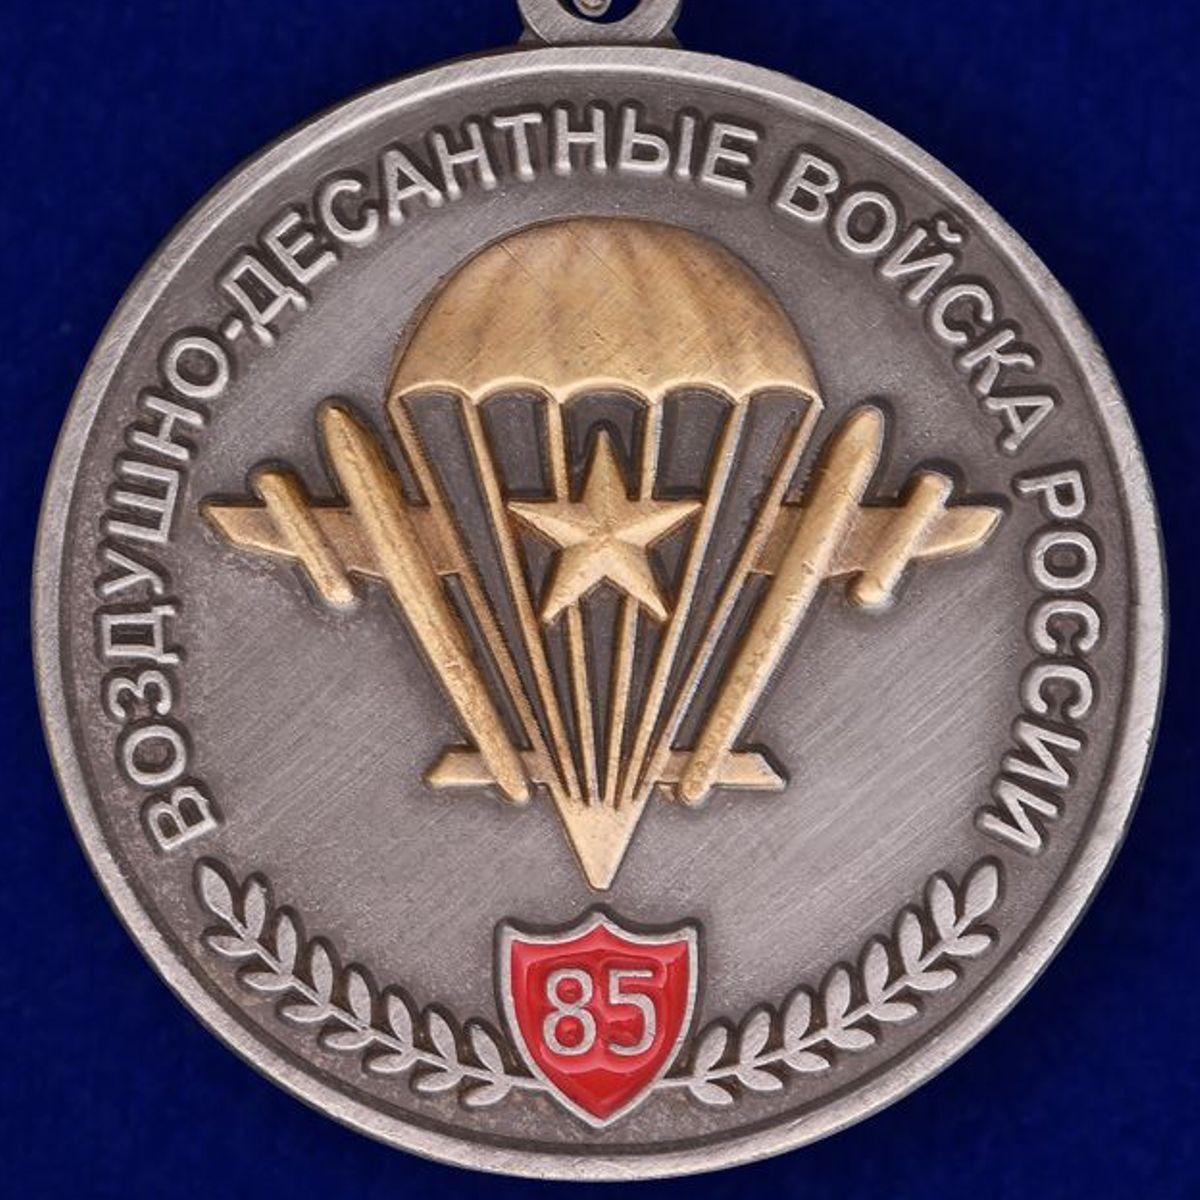 Медаль «Воздушно-десантные войска России»в футляре из флока с пластиковой крышкой - в подарок